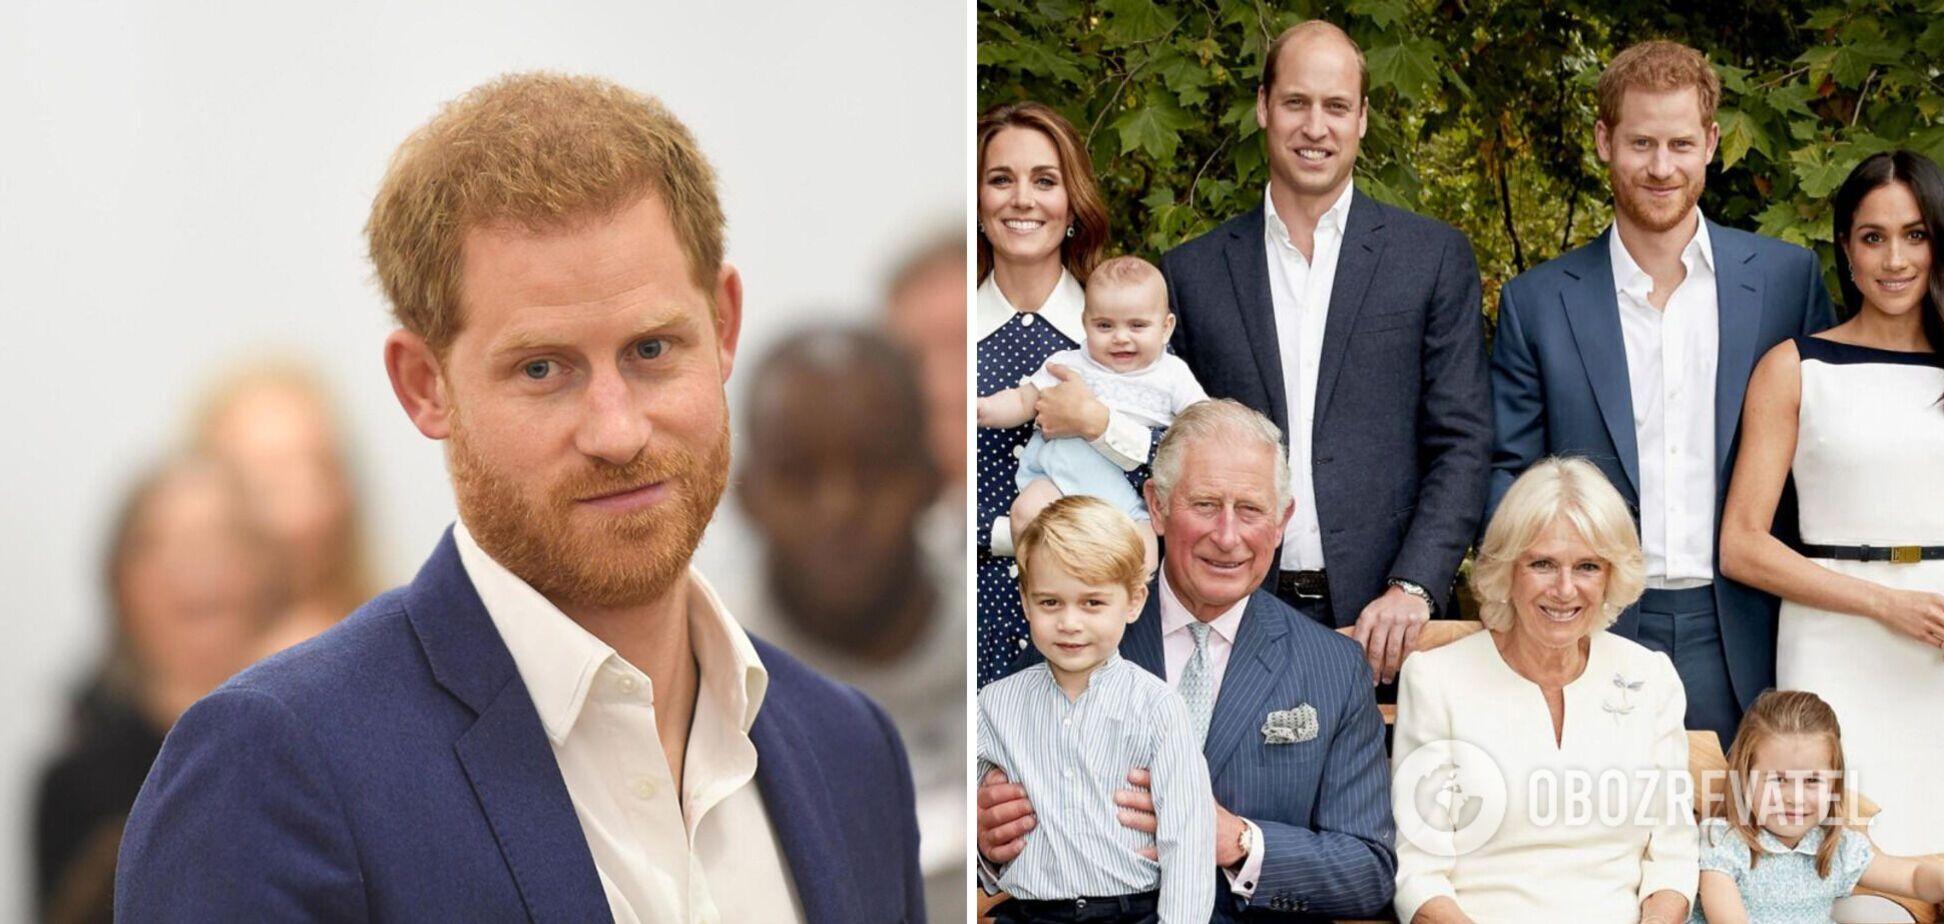 Елизавета II, Кейт Миддлтон и другие: как королевская семья поздравила принца Гарри с 37-летием